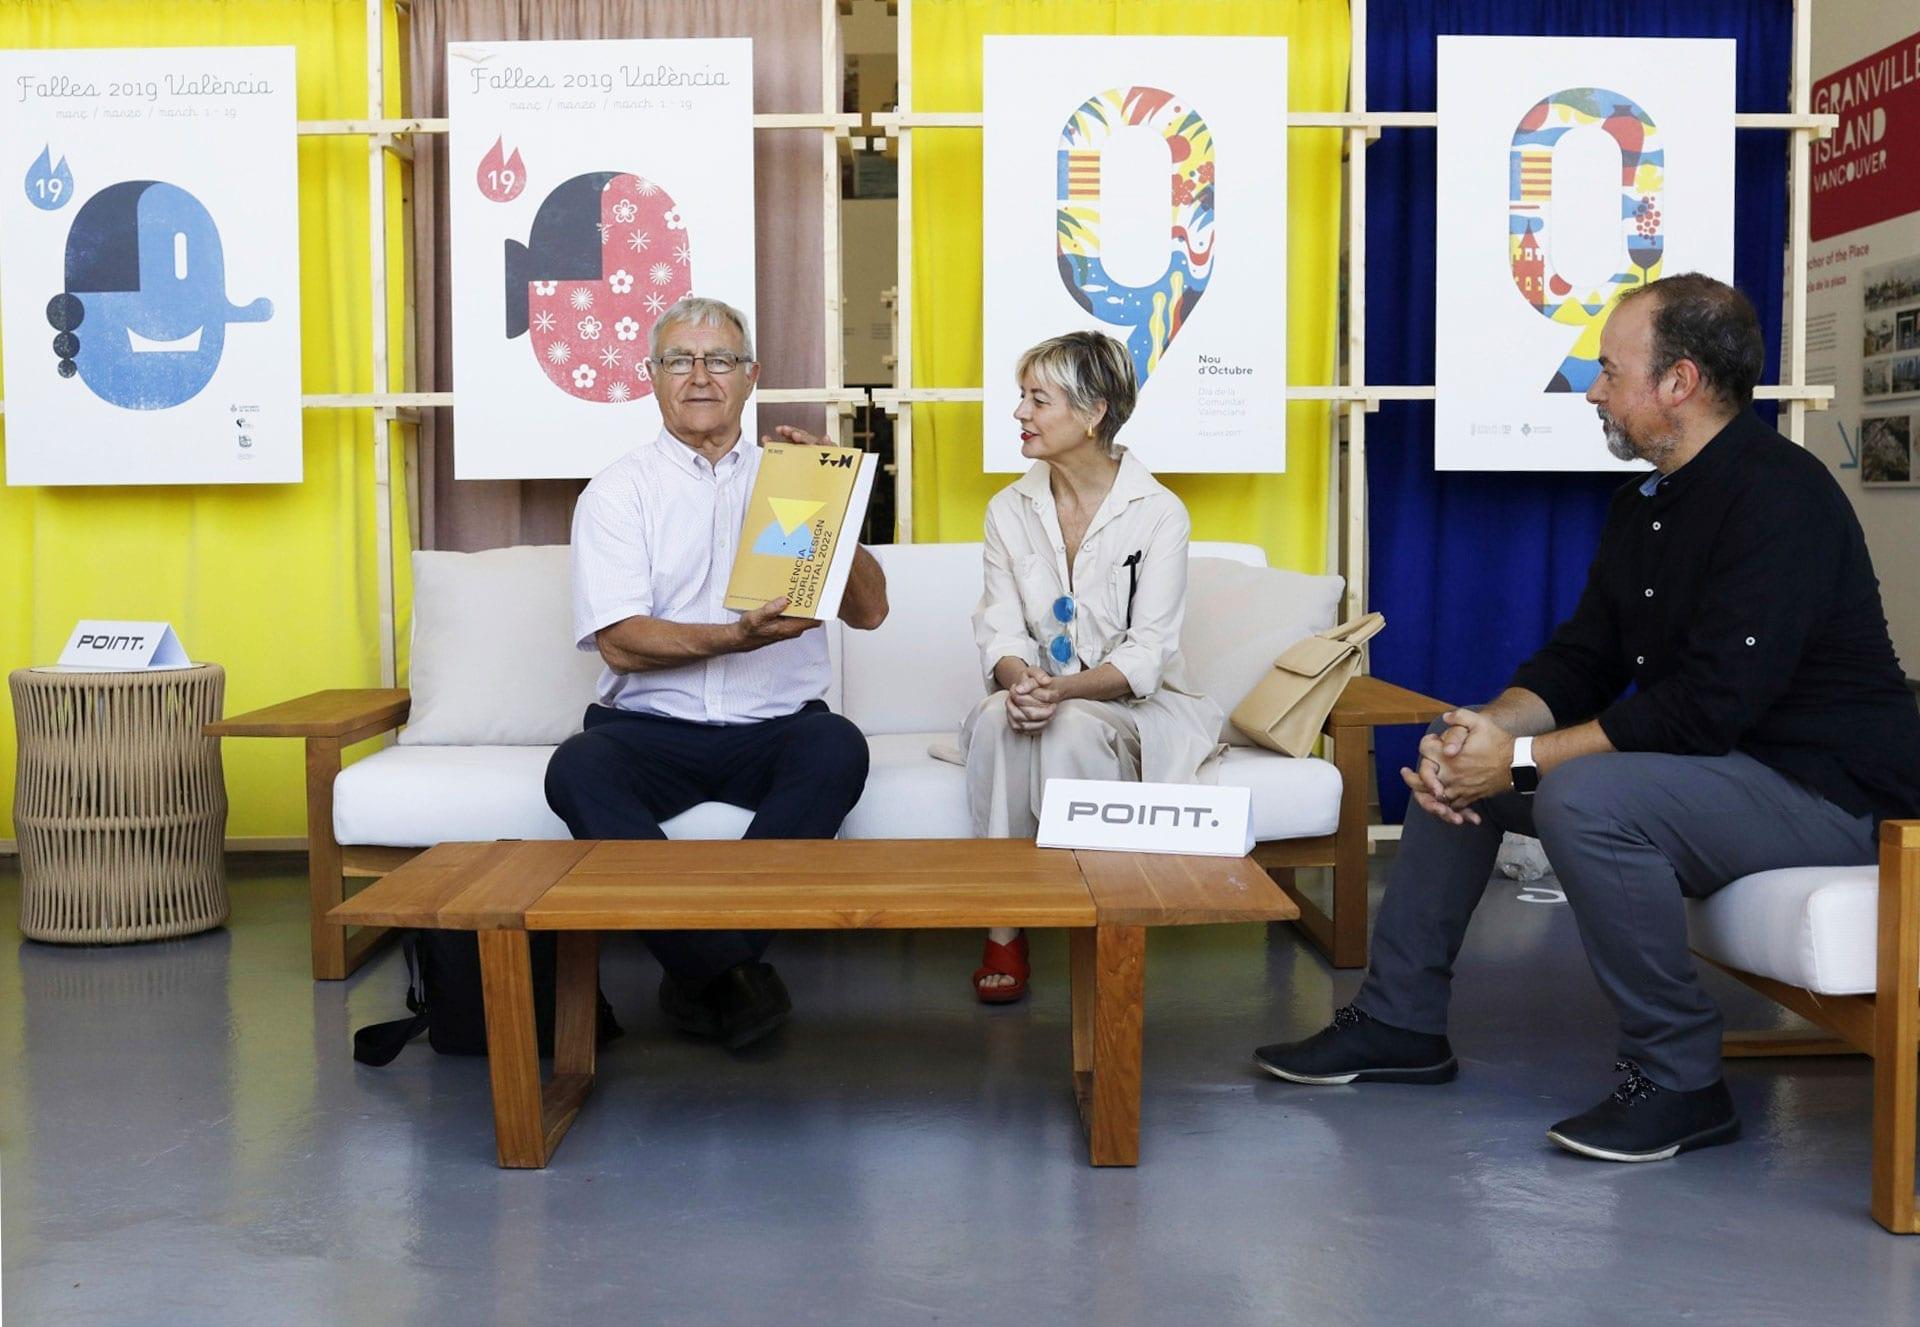 Joan Ribó reafirma su compromiso el diseño valenciano y recibe el libro oficial de la candidatura